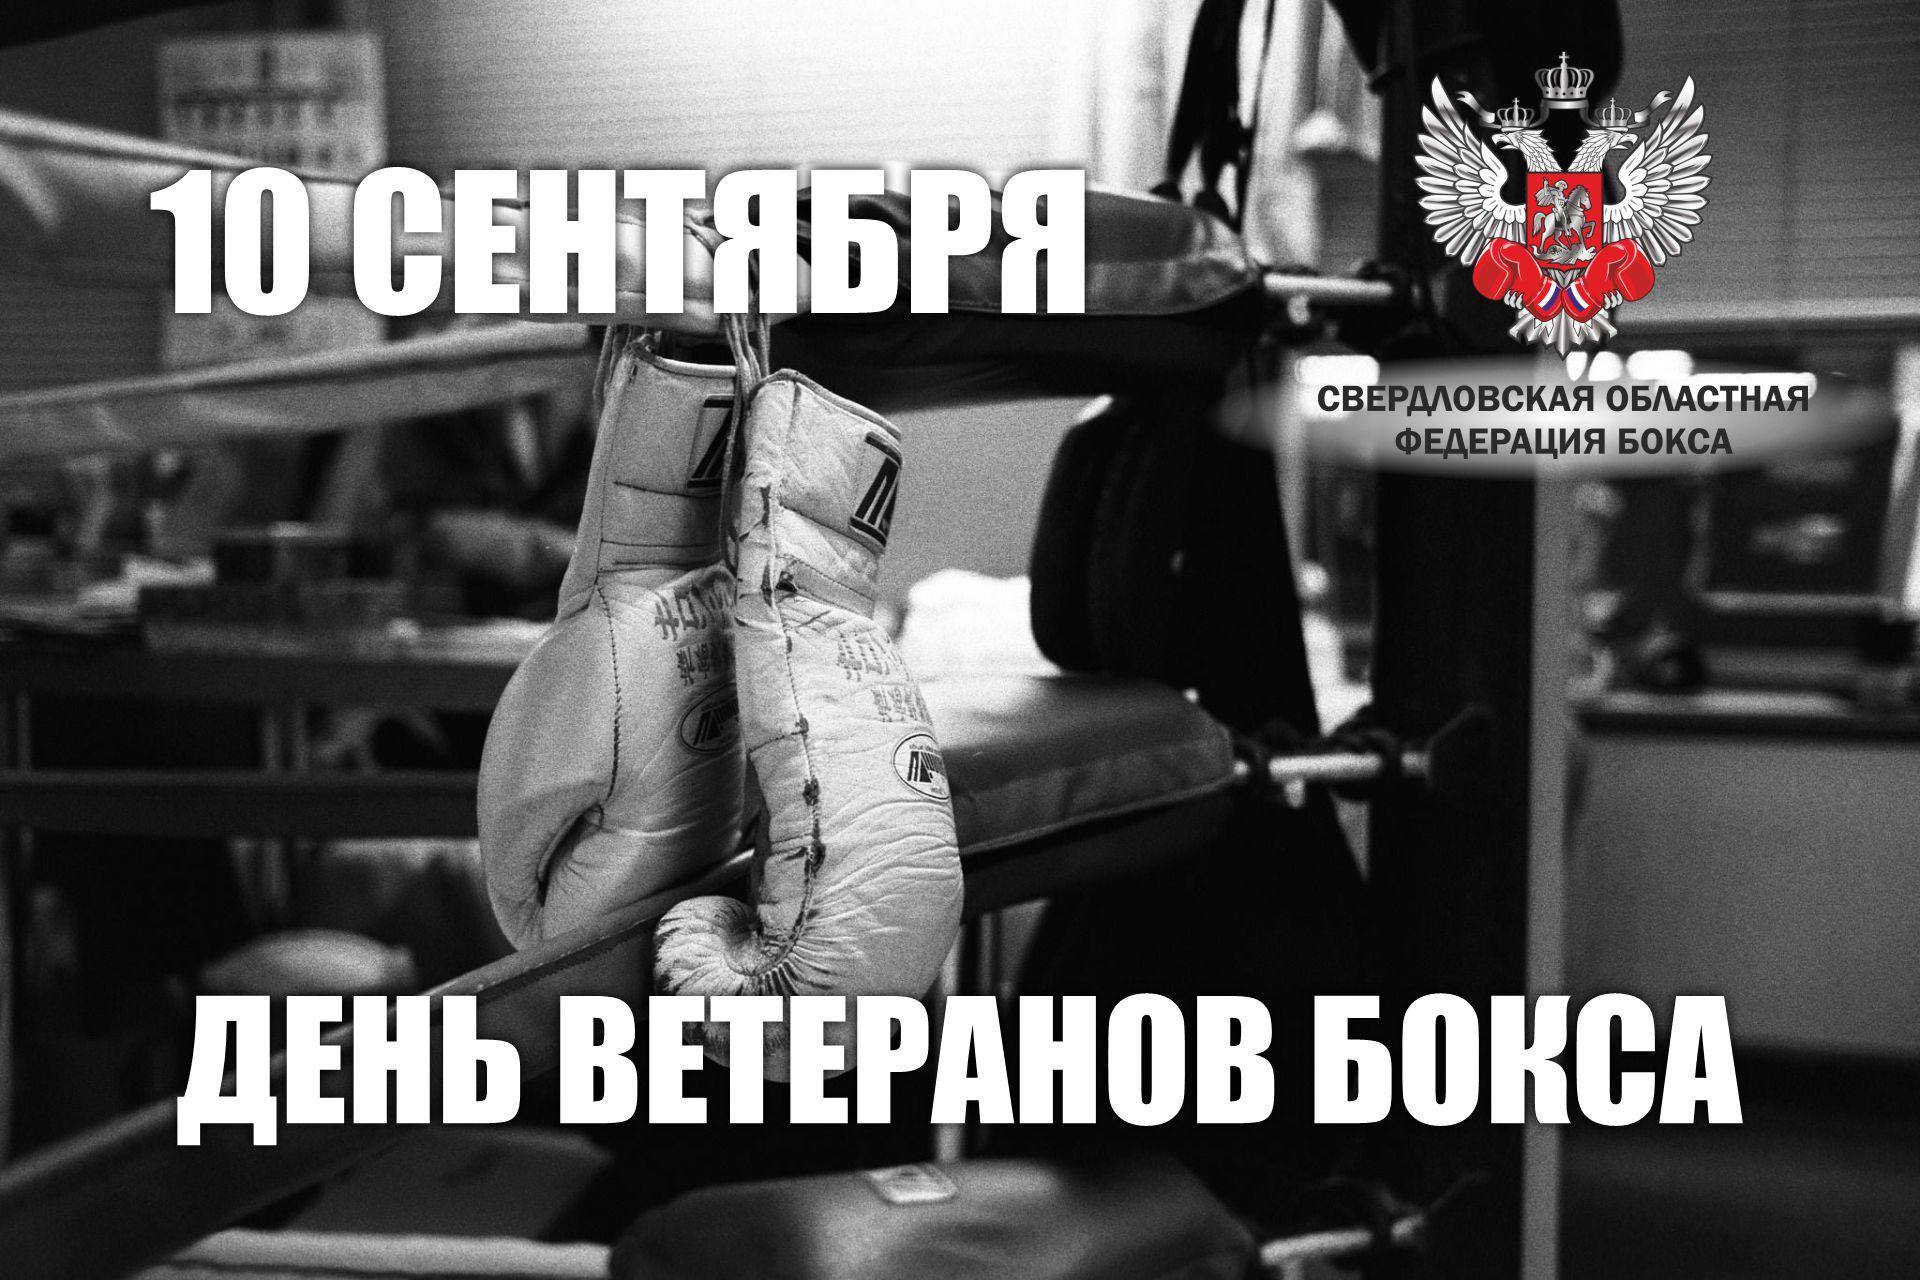 С Днём ветеранов бокса!